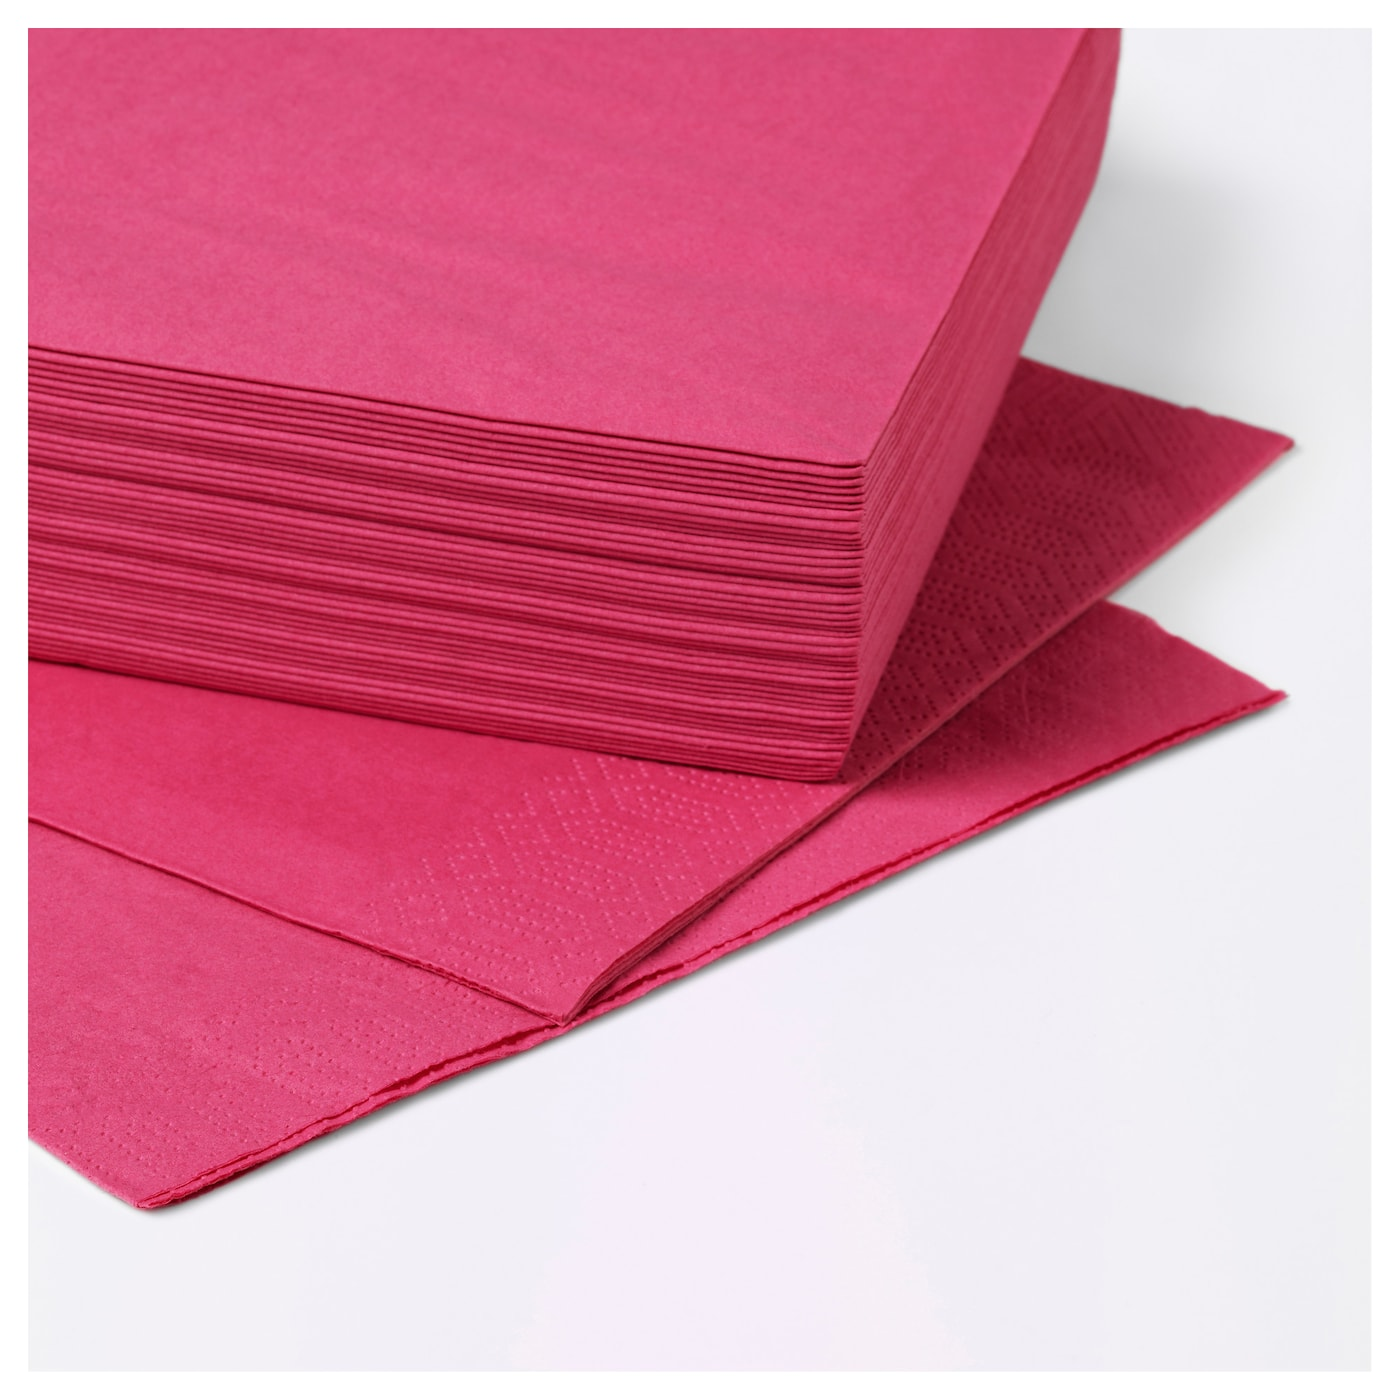 fantastisk paper napkin cerise 40x40 cm ikea. Black Bedroom Furniture Sets. Home Design Ideas